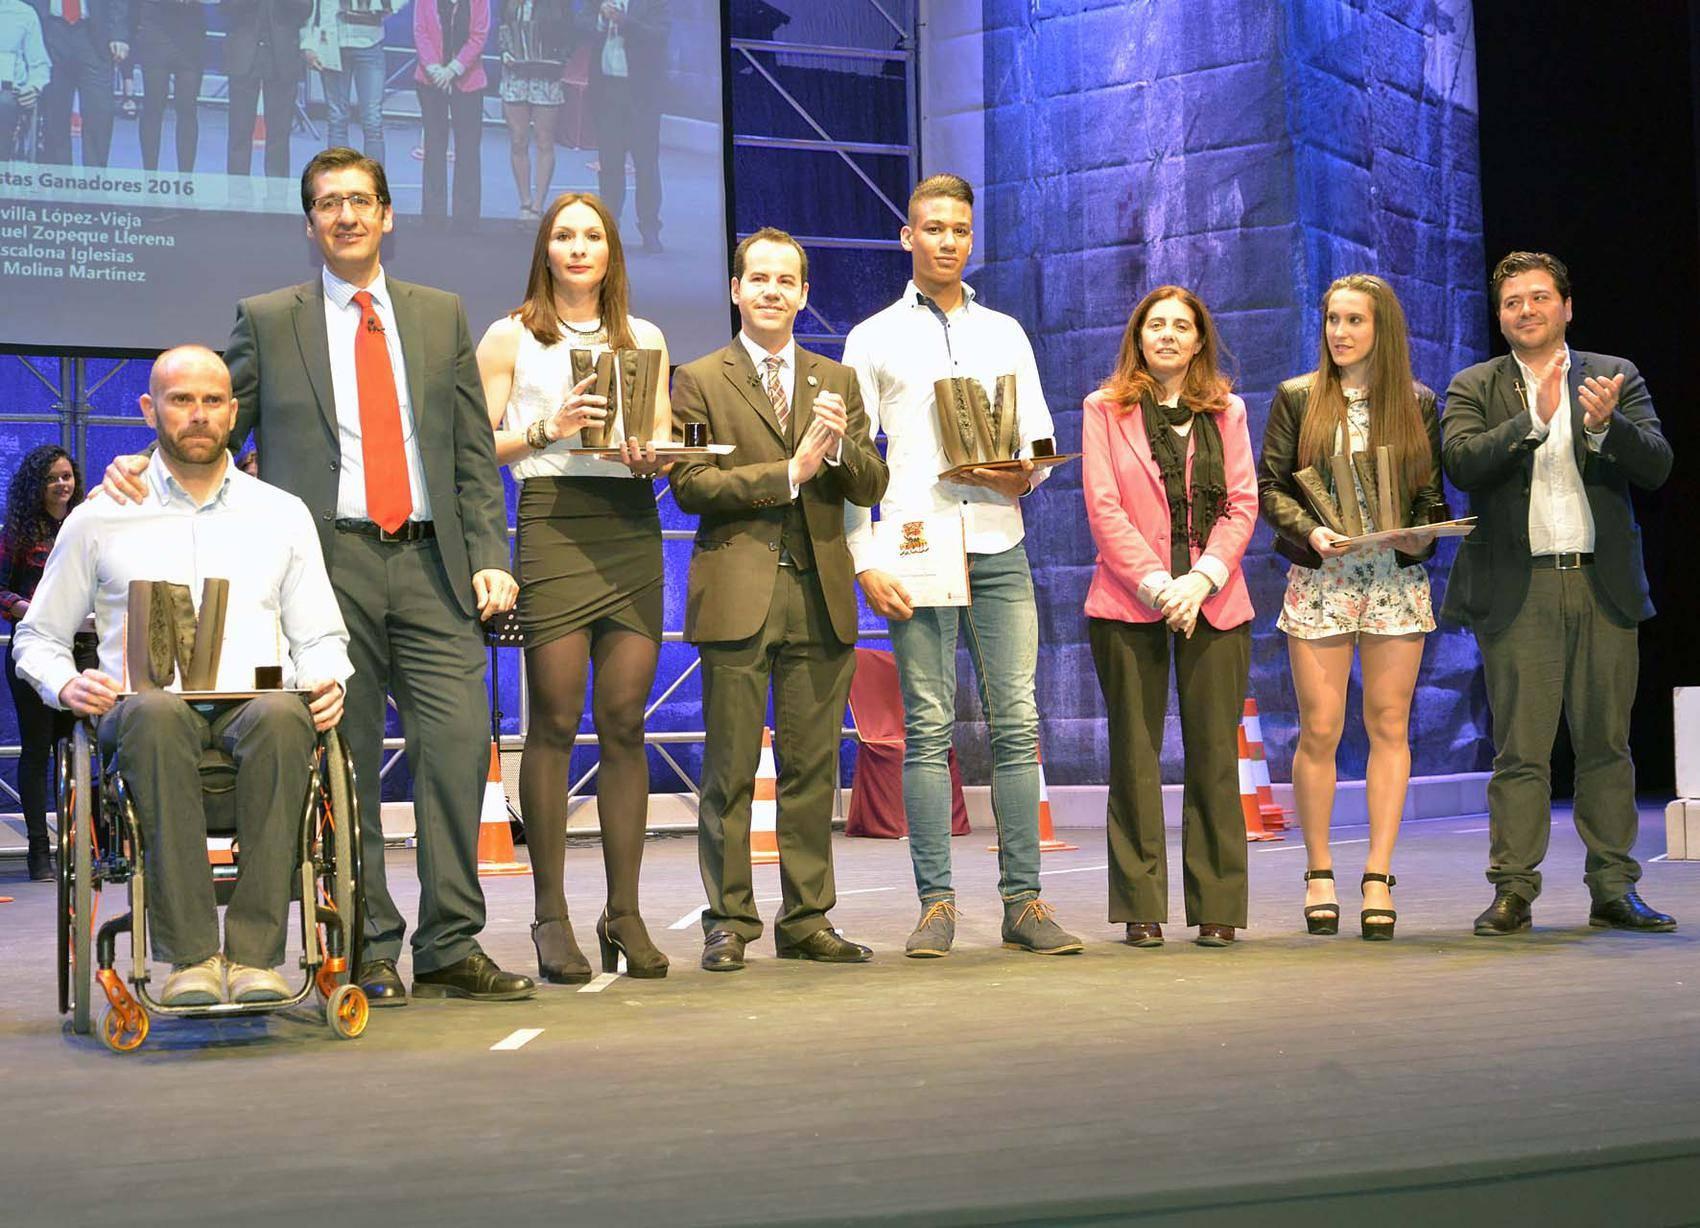 entrega de premios gala del deporte provincial de ciudad real en Herencia1 - Los mejores deportistas de la provincia son premiados en Herencia